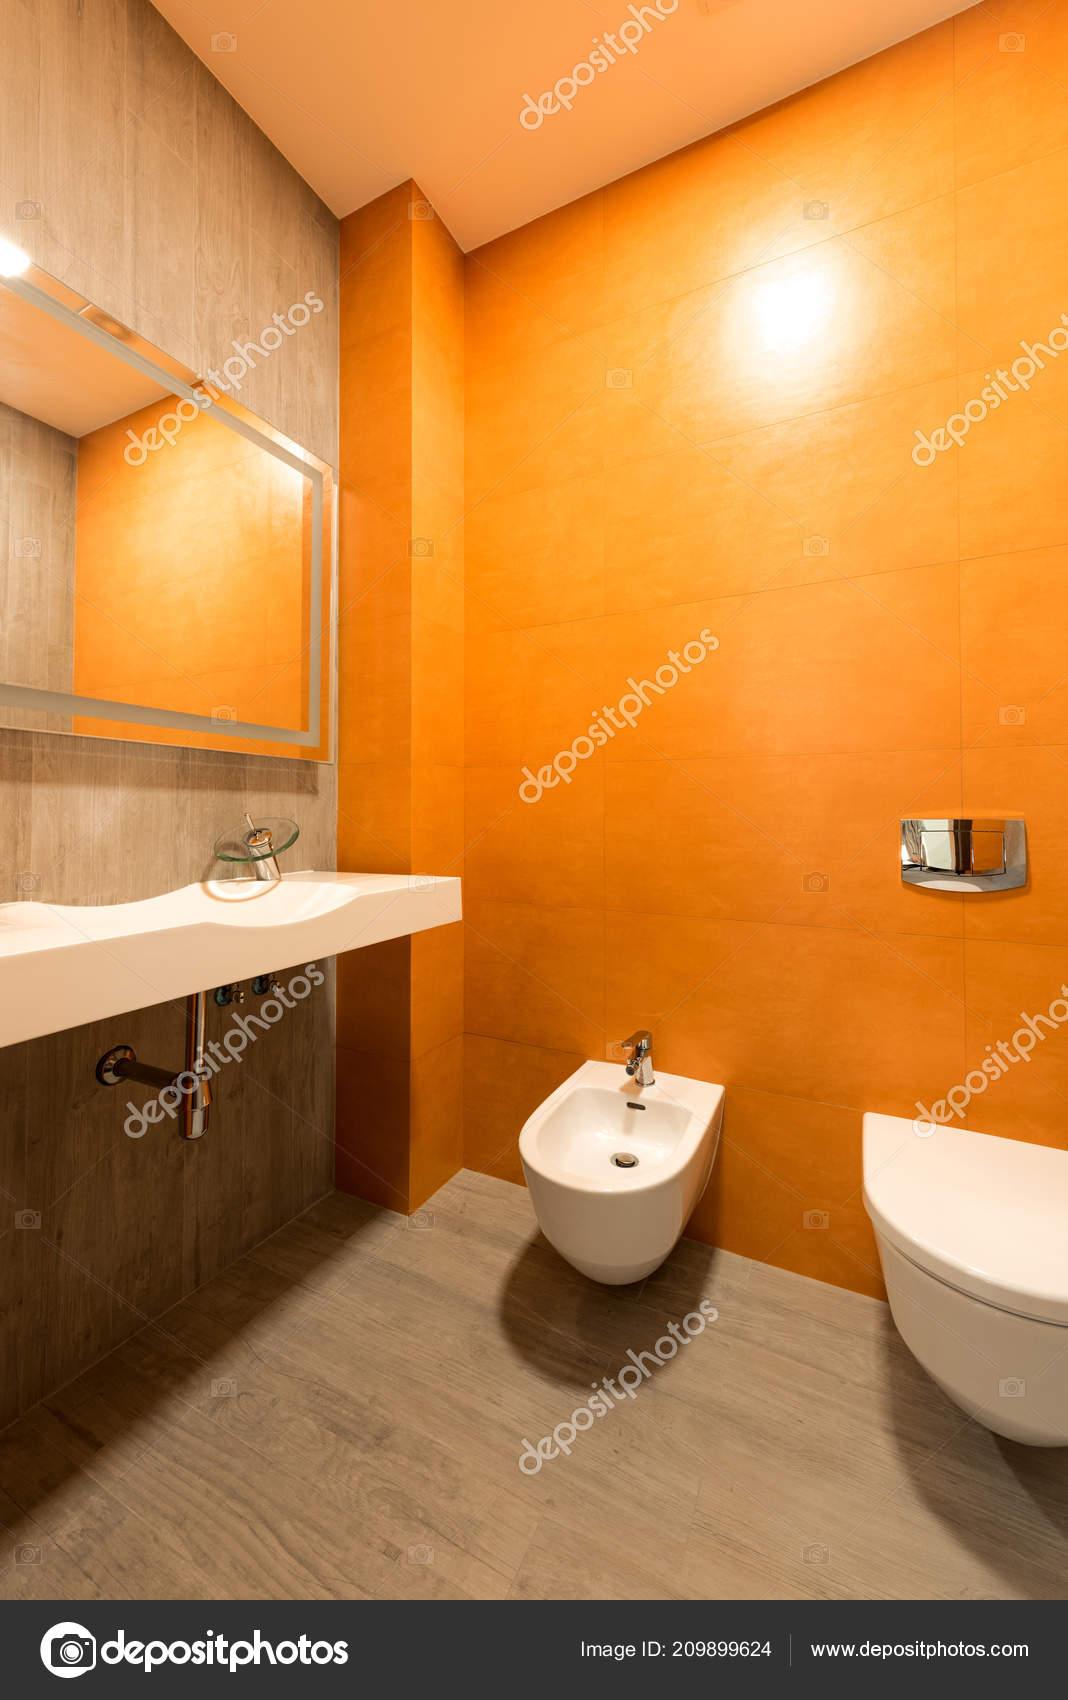 Interieur Salle Bains Moderne Dans Les Couleurs Orange